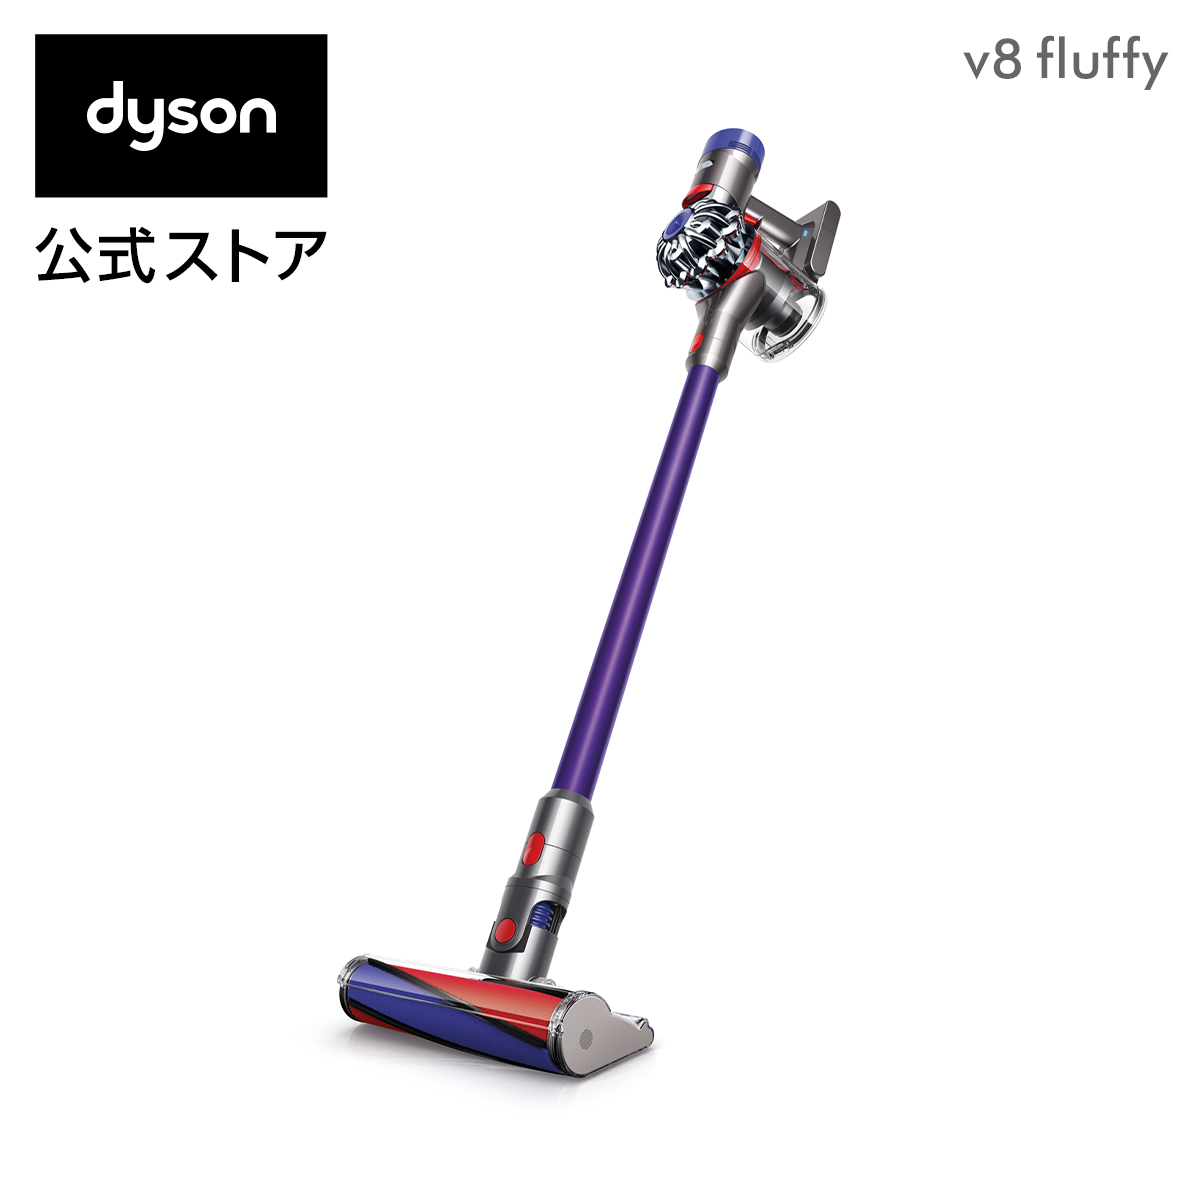 【期間限定20%ポイントバック】16日9:59amまで!ダイソン Dyson V8 Fluffy サイクロン式 コードレス掃除機 dyson SV10FF3 2018年モデル|Dyson公式 楽天市場店